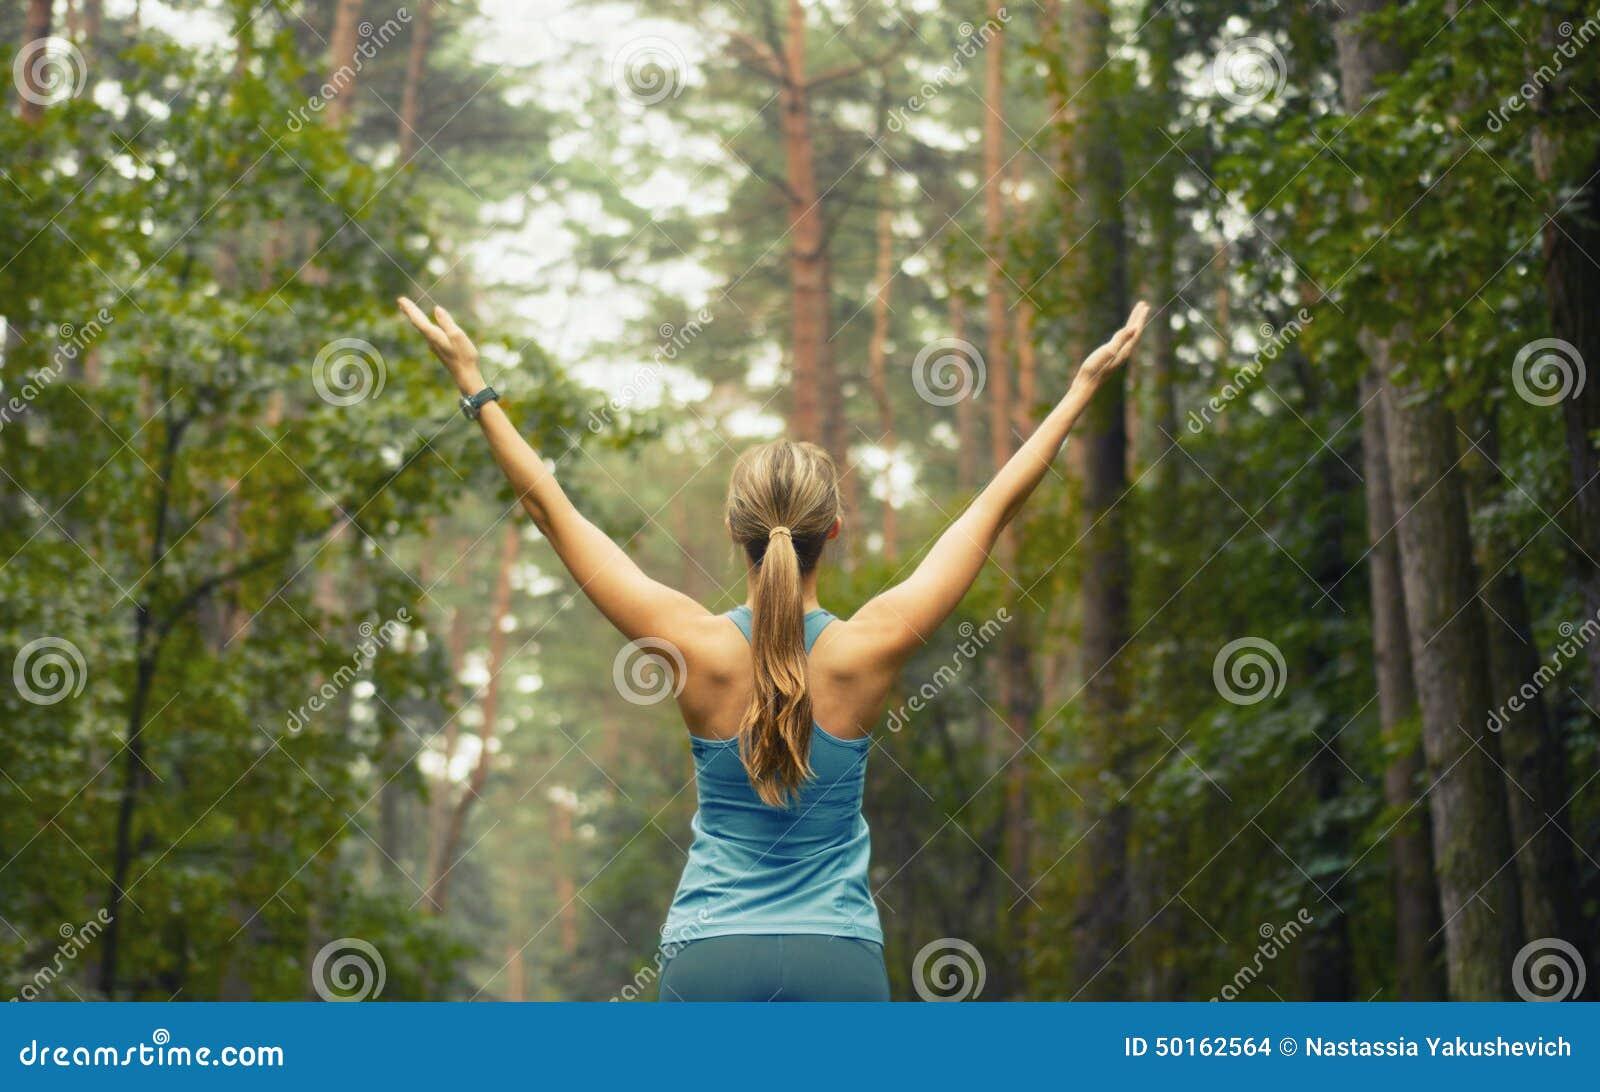 Mujer deportiva de la aptitud sana de la forma de vida temprano en área del bosque